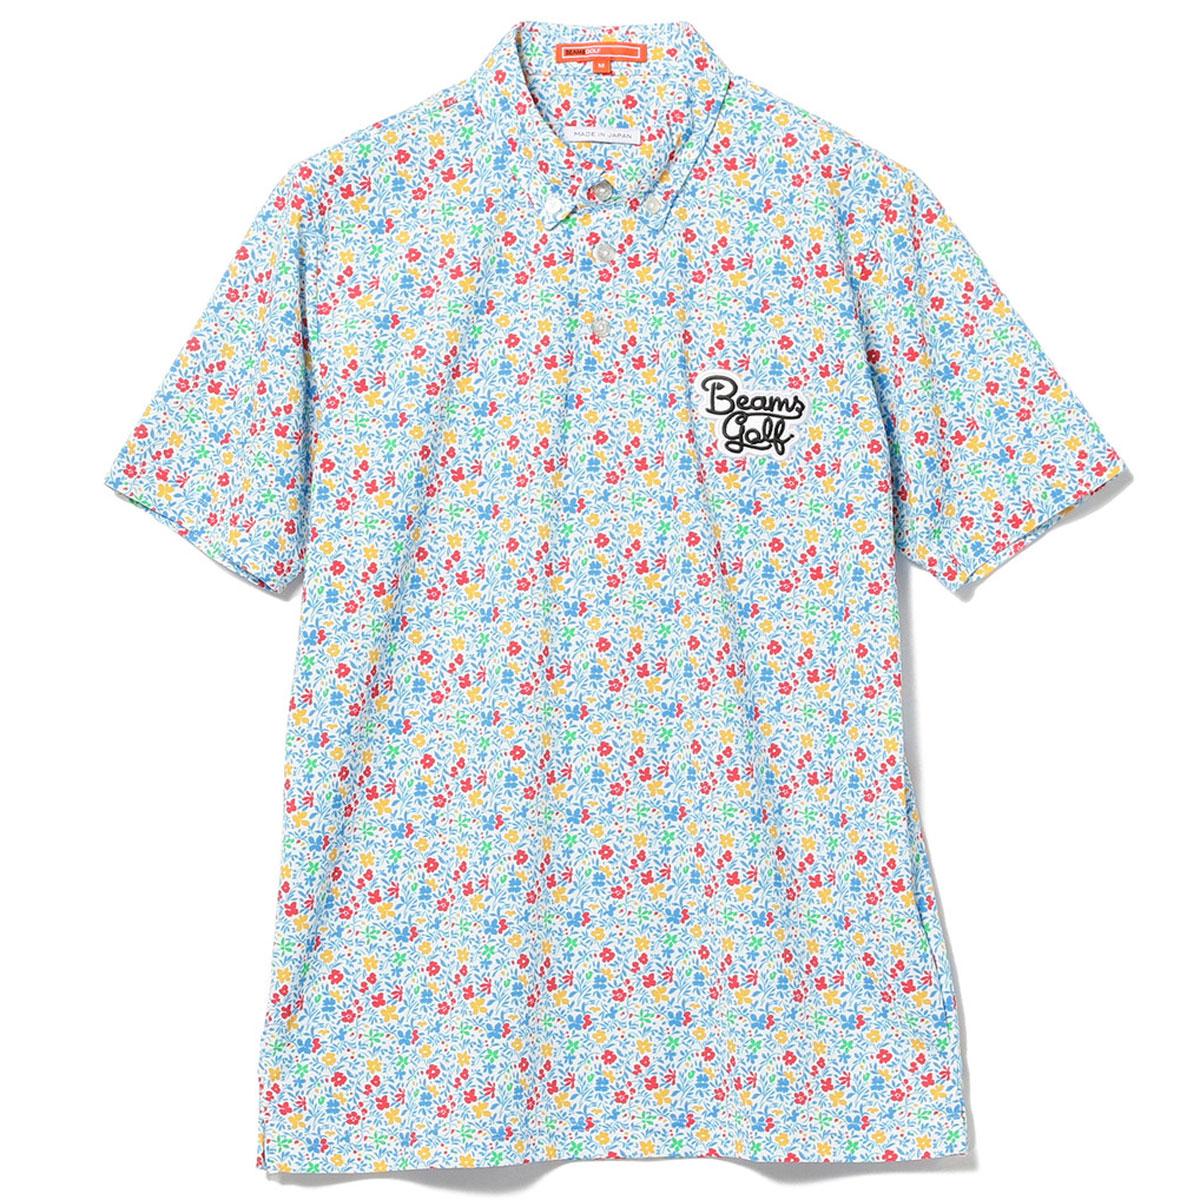 BEAMS GOLF ORANGE LABEL フラワープリント ポロシャツ